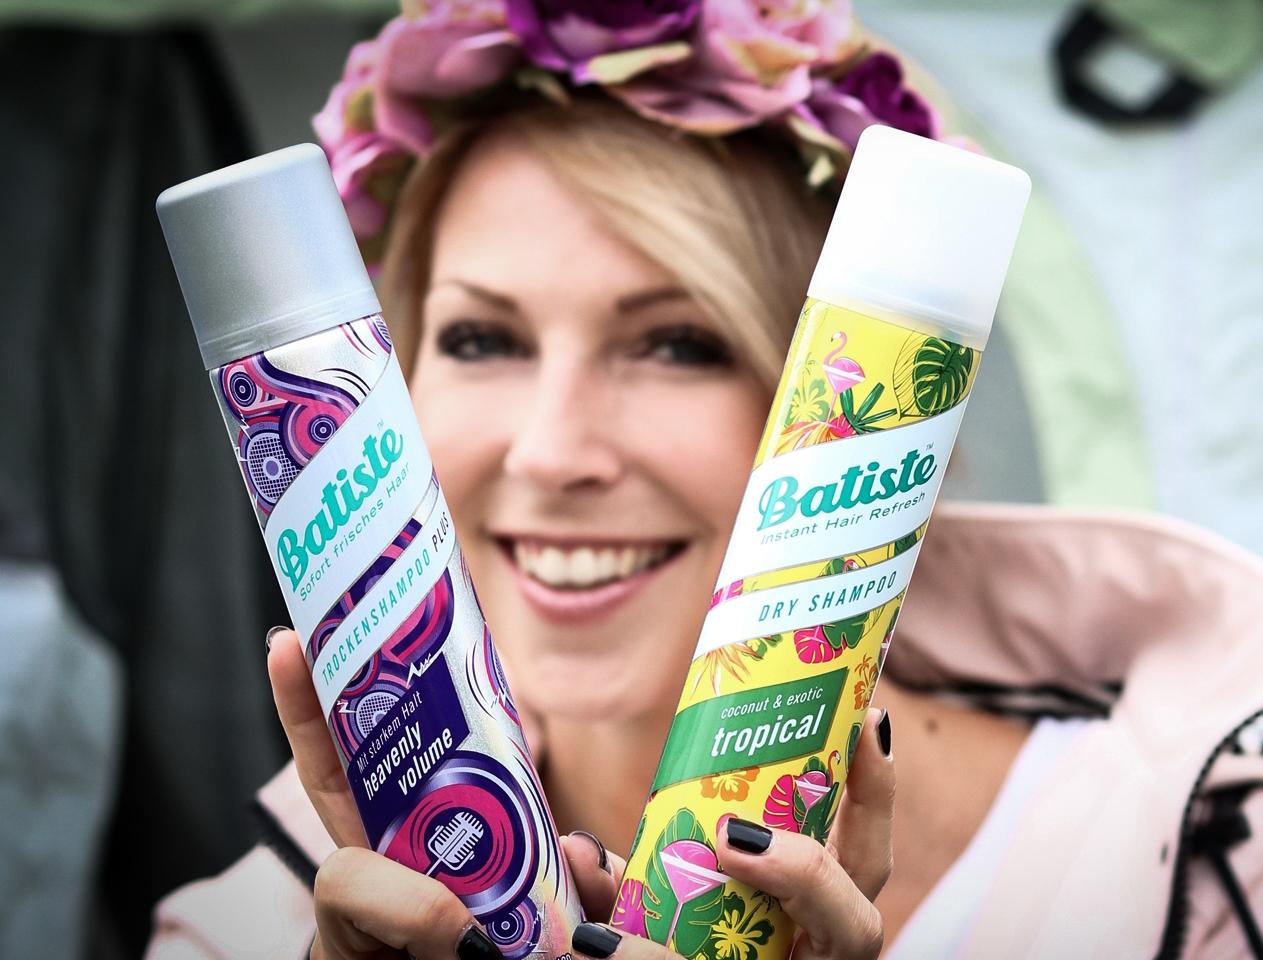 Festivalfeeling: Frische Haare ohne Duschen - Lavie Deboite